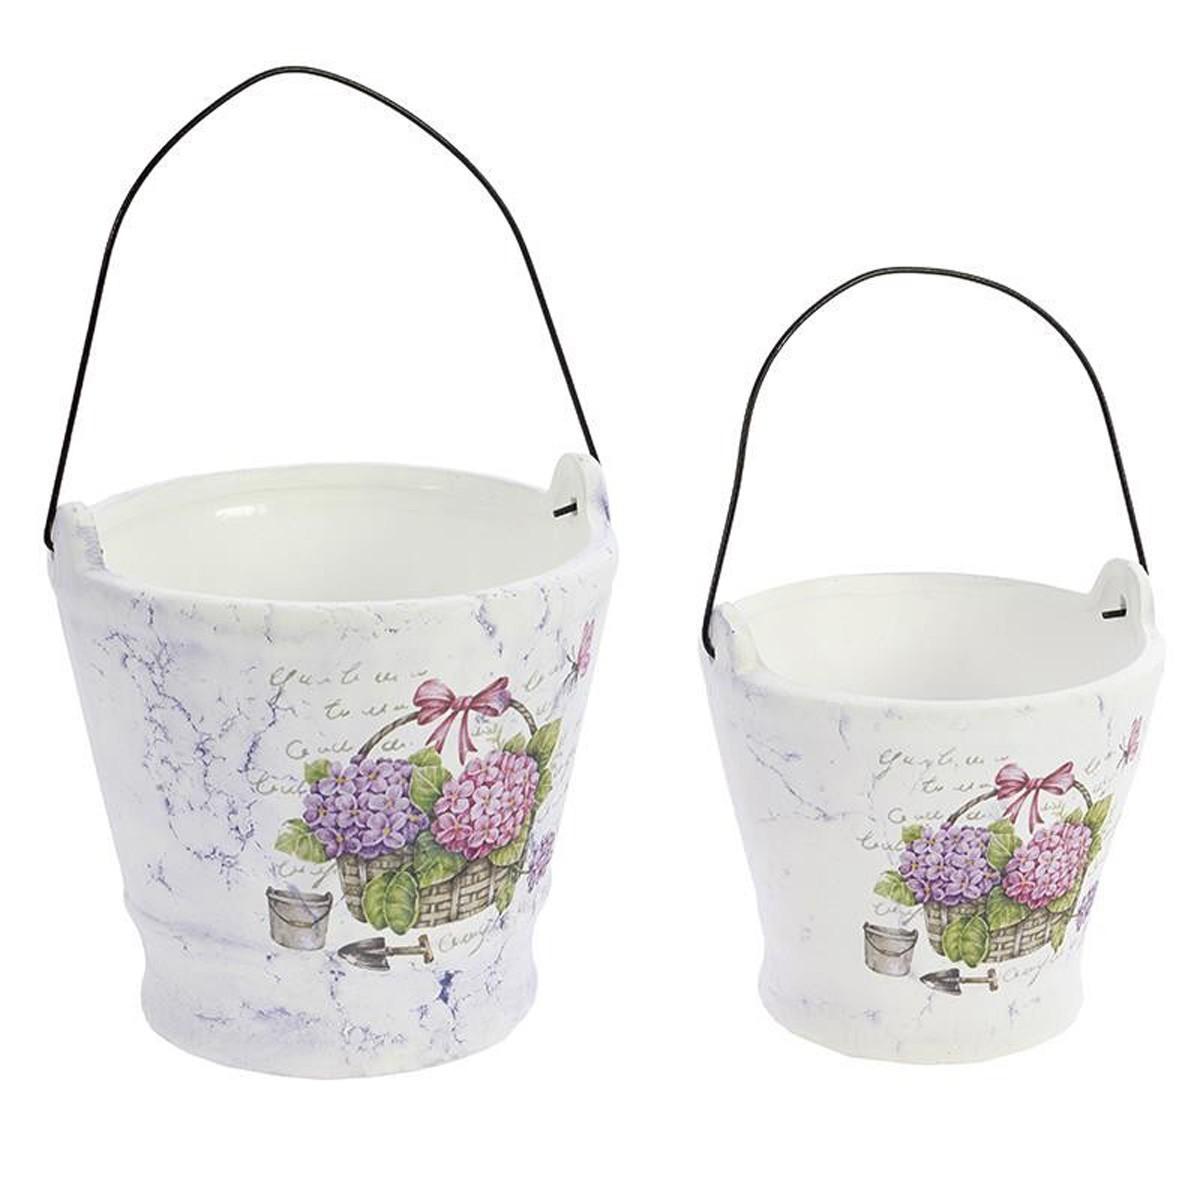 Κασπώ (Σετ 2τμχ) InArt Tea Time Hortensia Buckets 3-70-031-0124